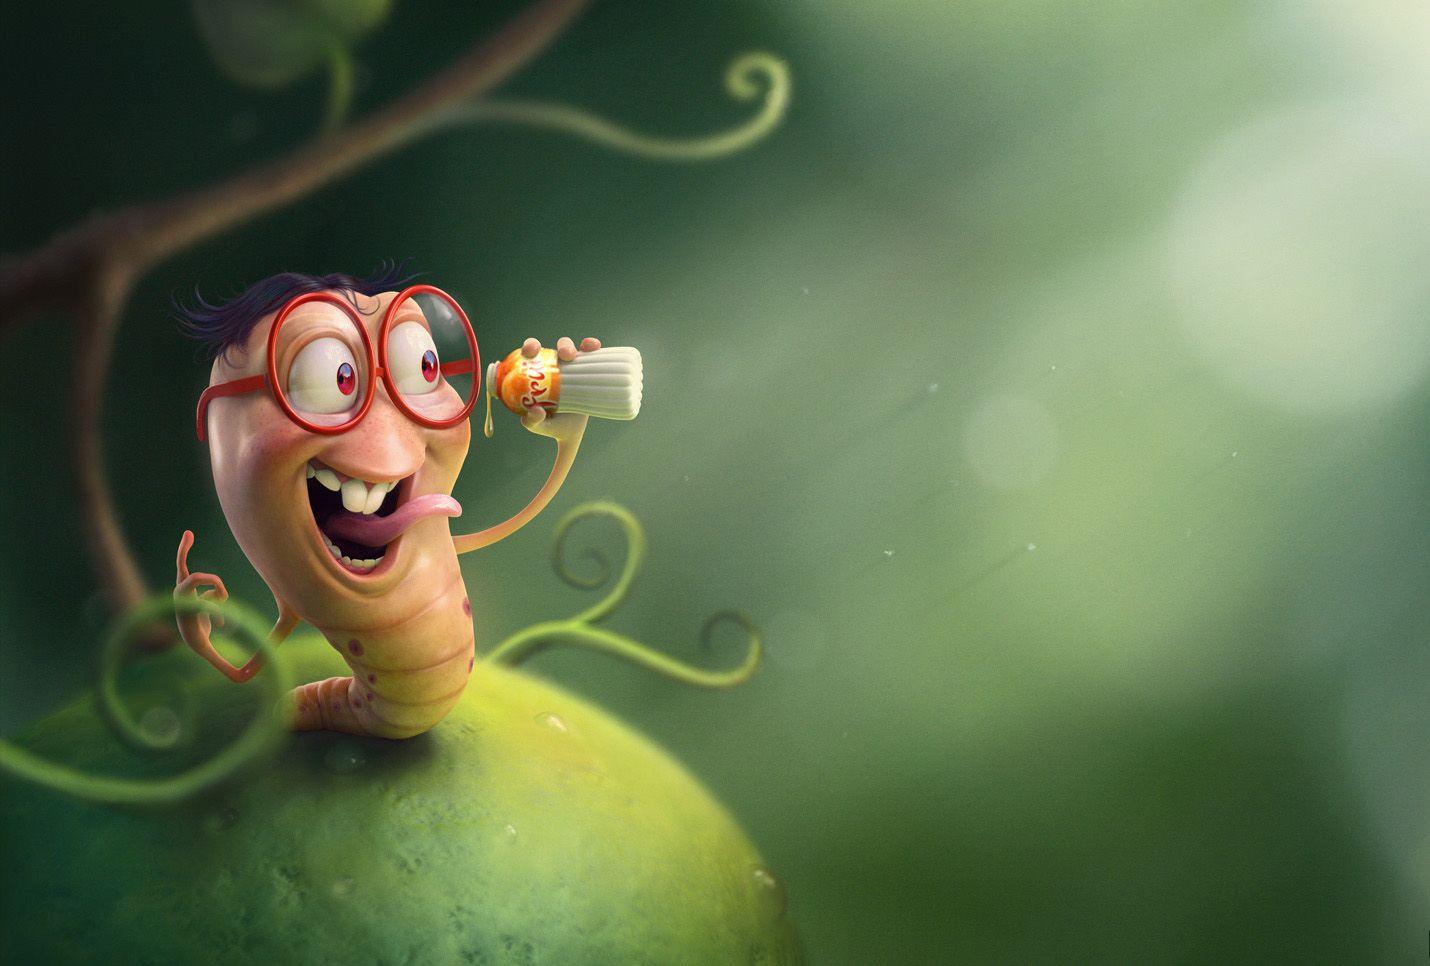 Открытке день, картинки смешные червячки